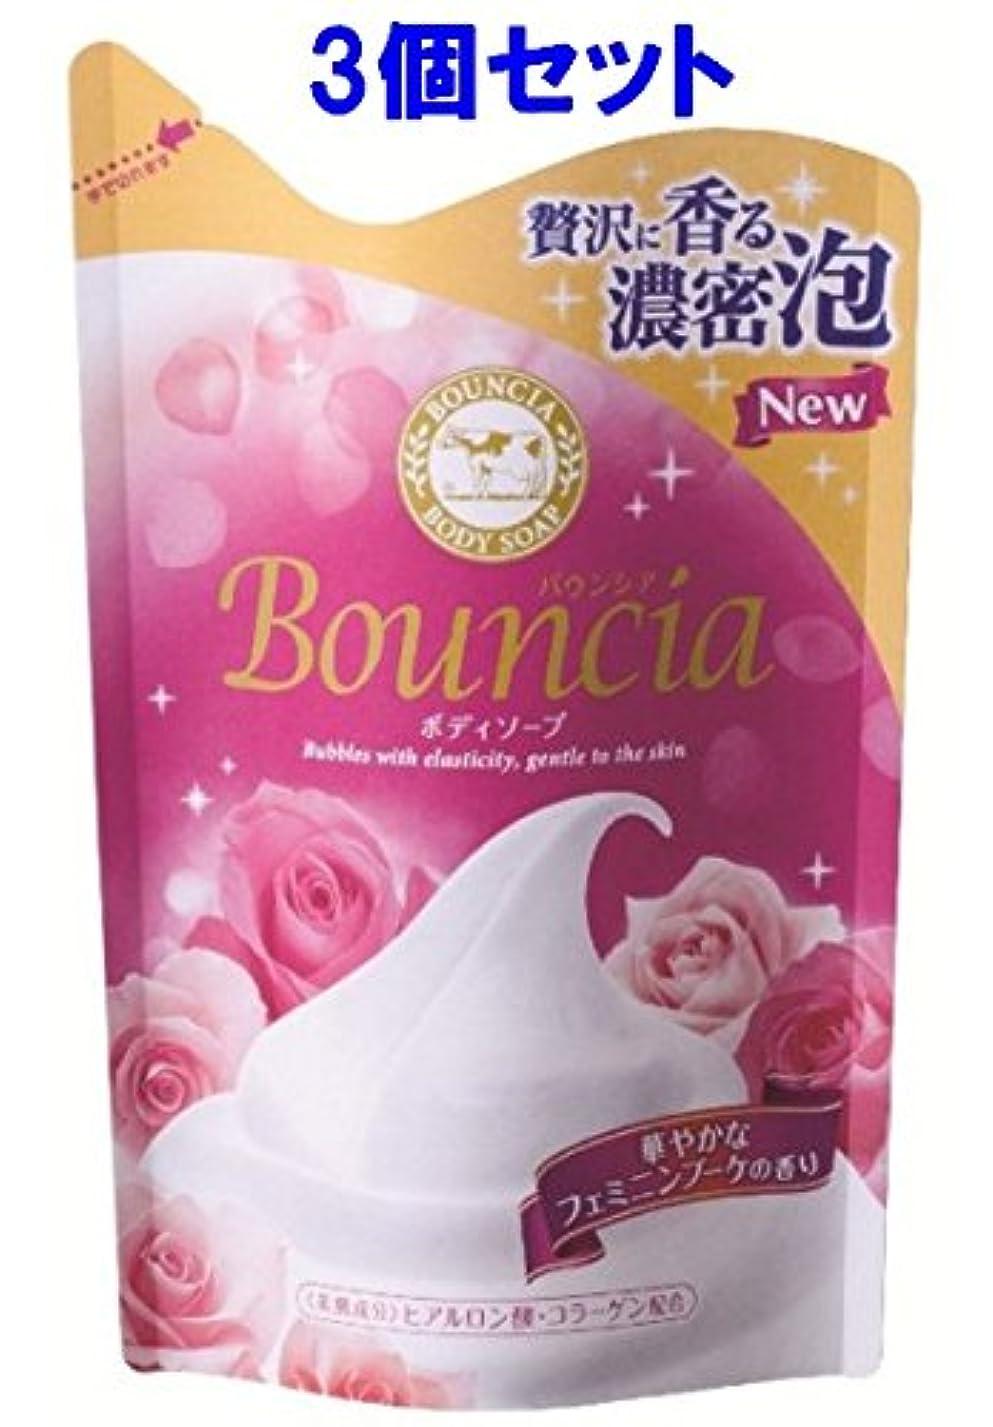 デコレーション限り予測する【3個セット】 バウンシアボディソープ フェミニンブーケの香り 詰替用 430mL